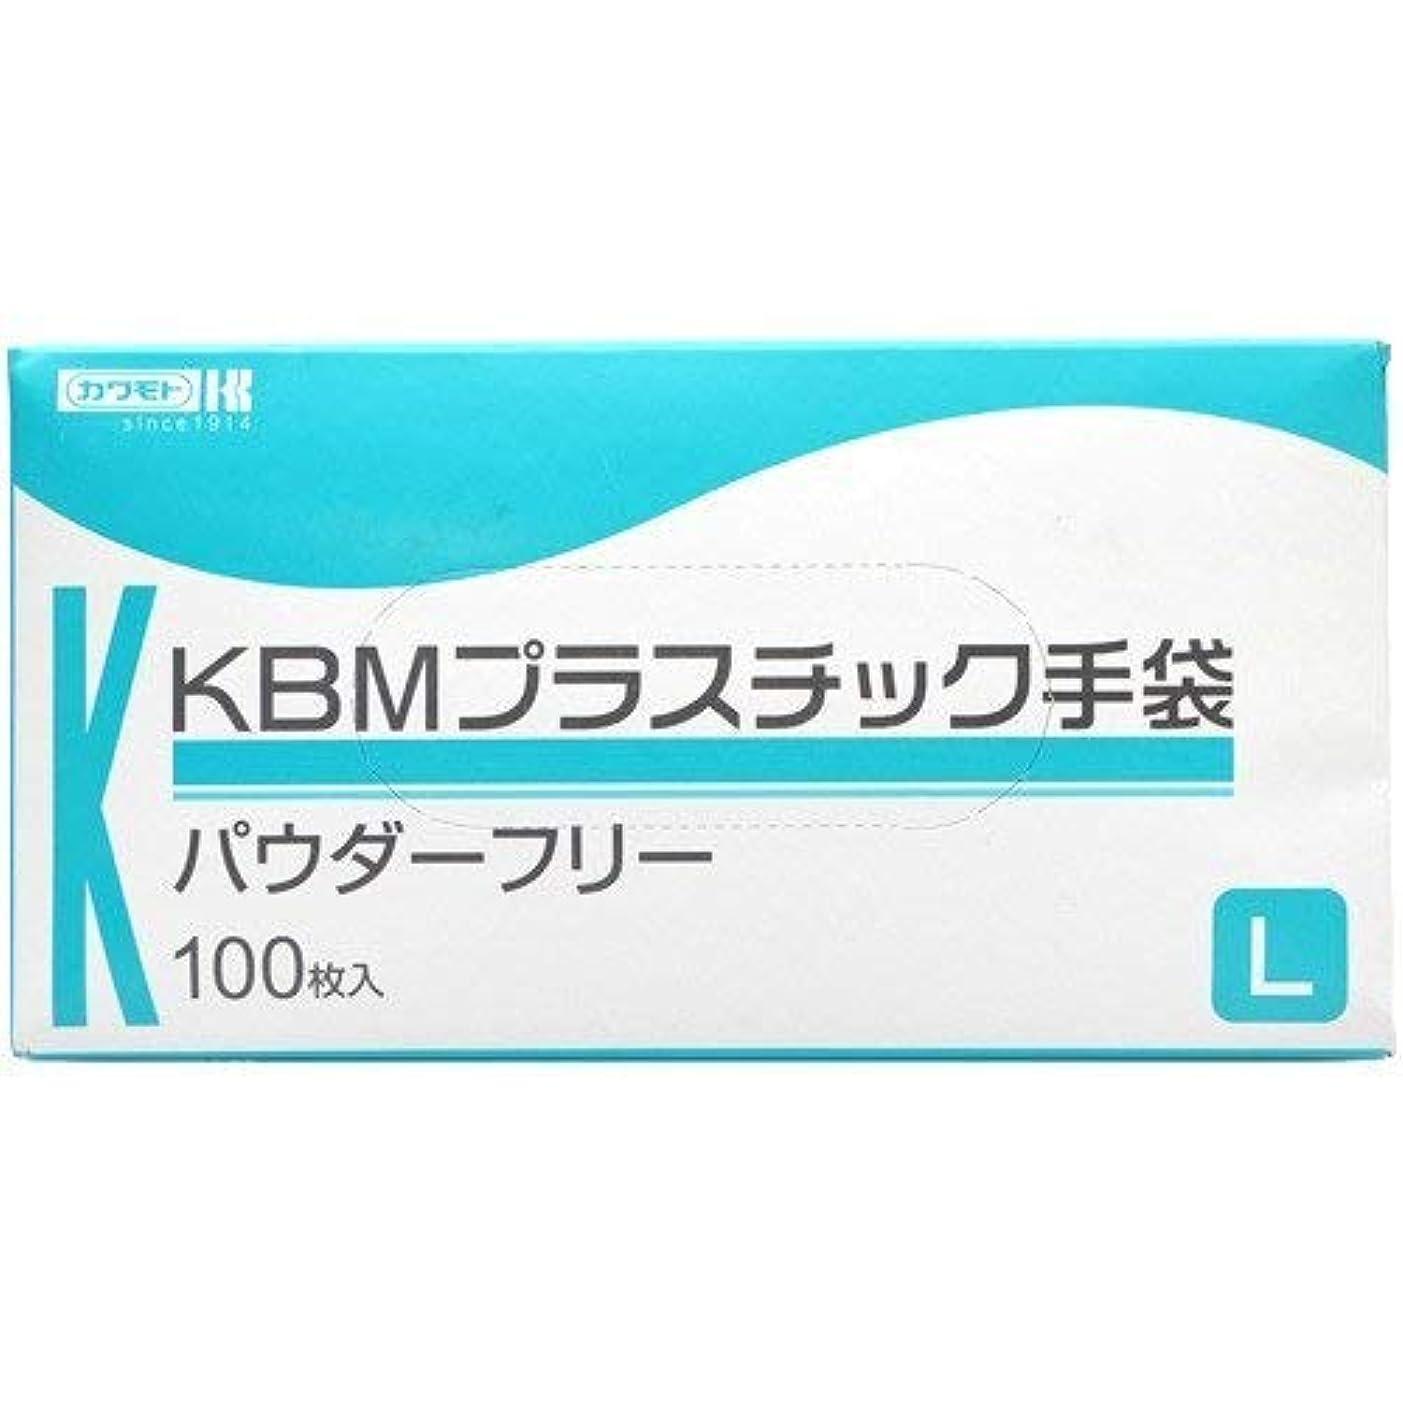 花火ジャンプ切る川本産業 KBMプラスチック手袋 パウダーフリー L 100枚入 ×2個